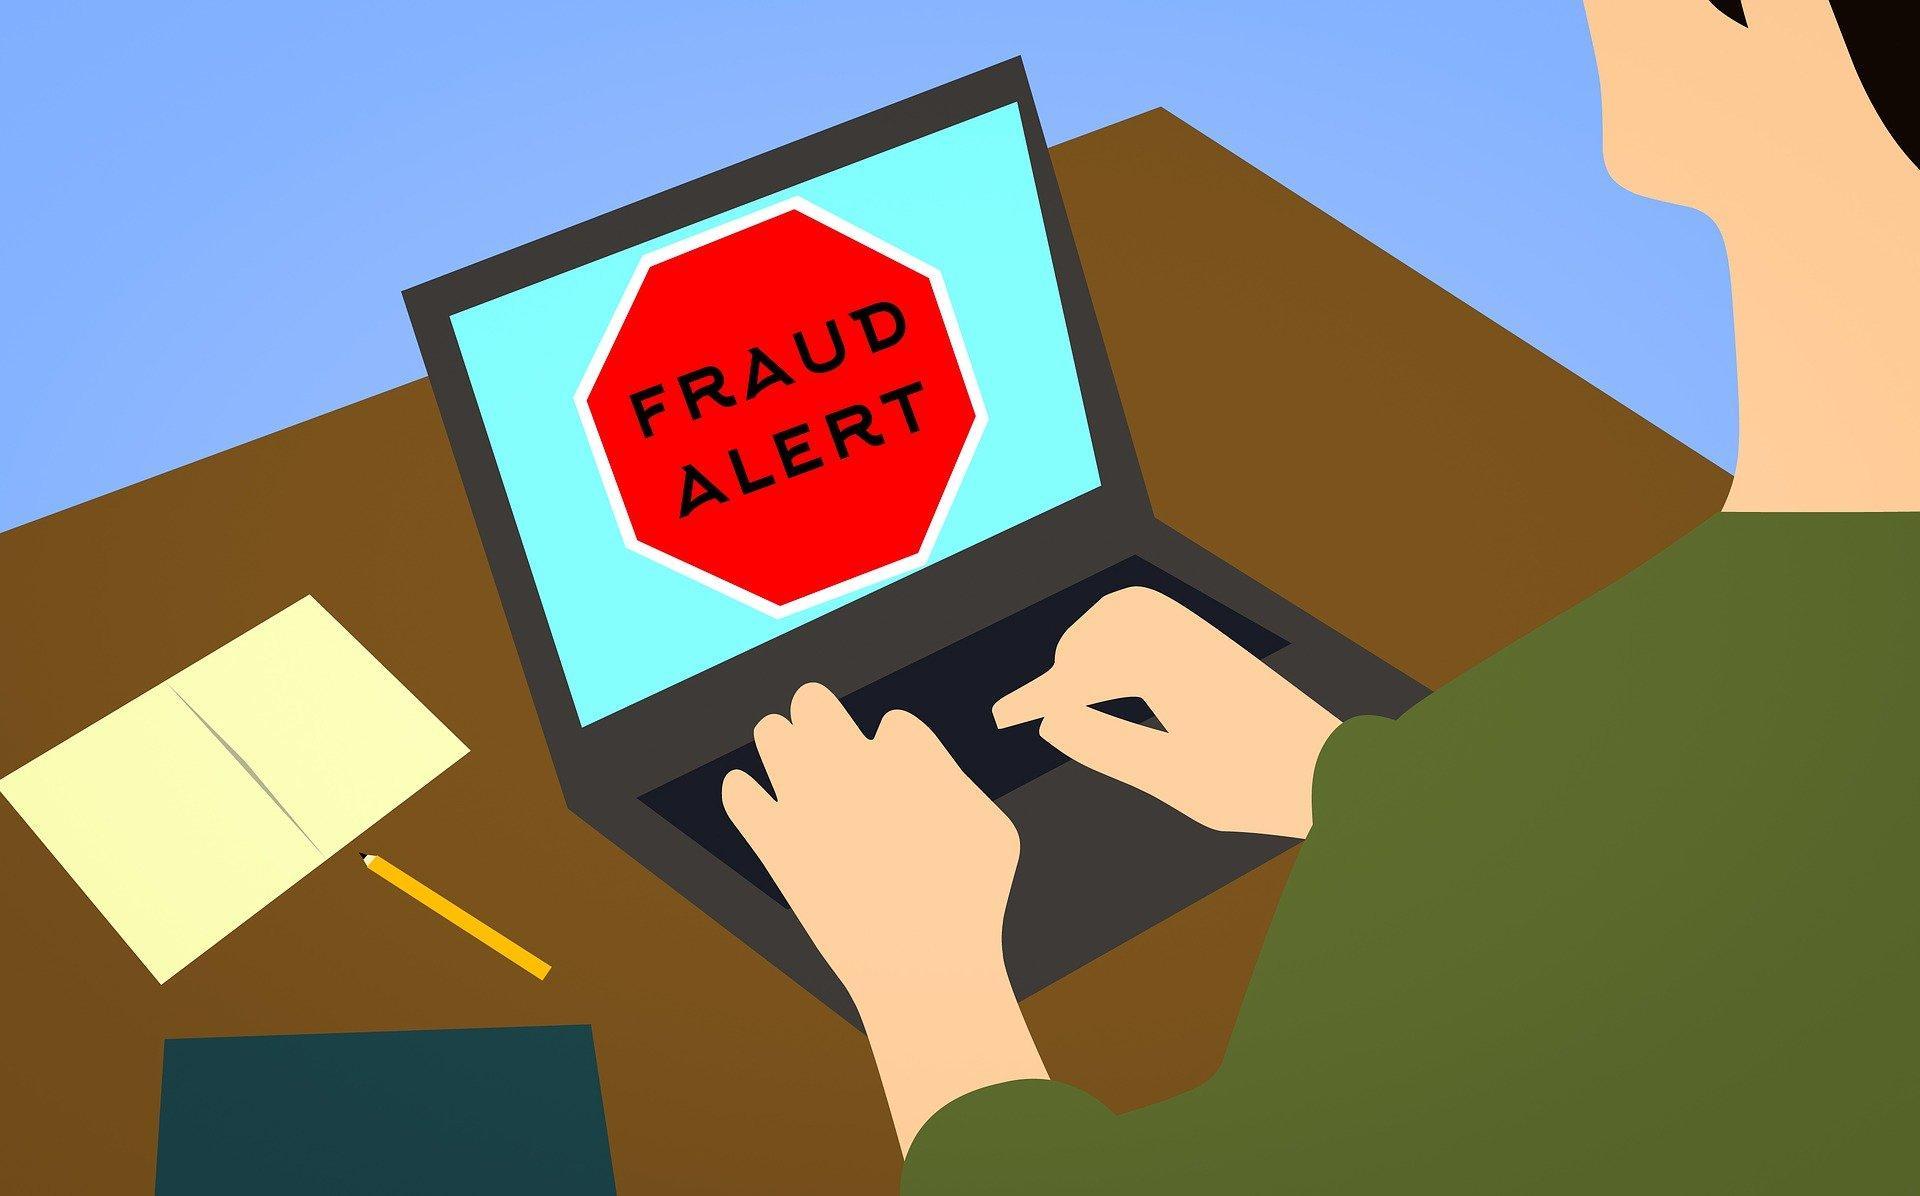 Falsa ICO di Telegram, così i siti fake hanno truffato migliaia di utenti (e come difendersi)